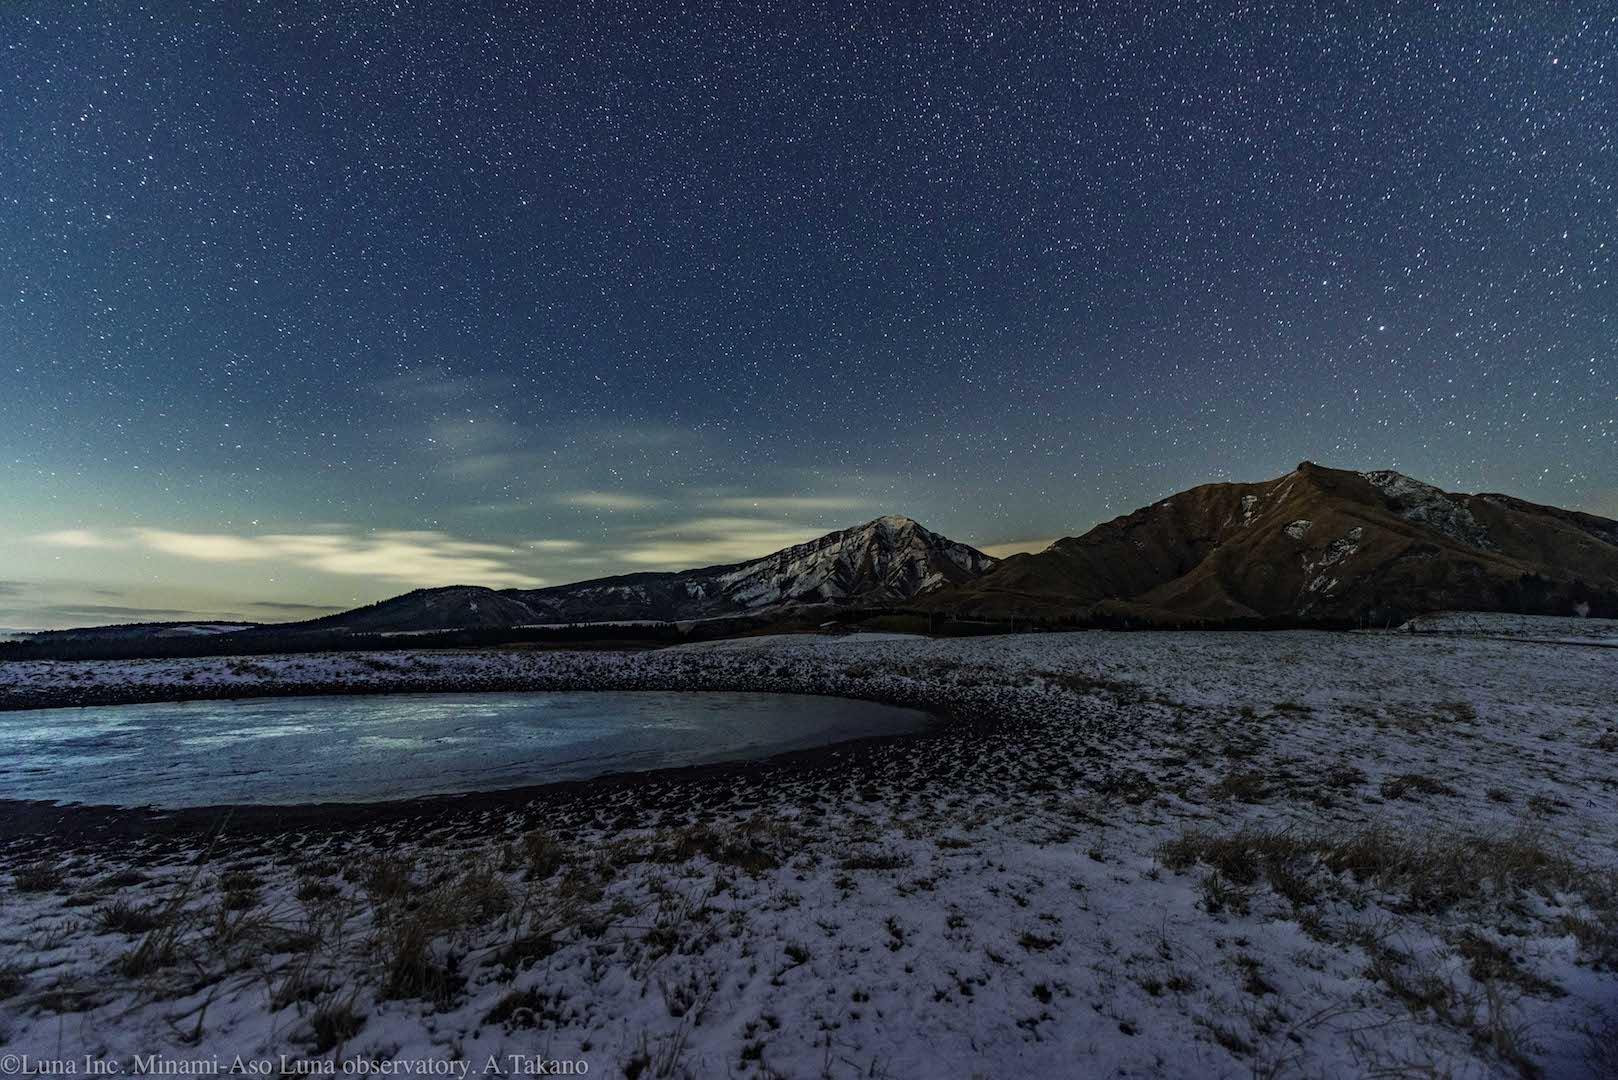 冬のナイトトレッキングで実際に撮影された写真です